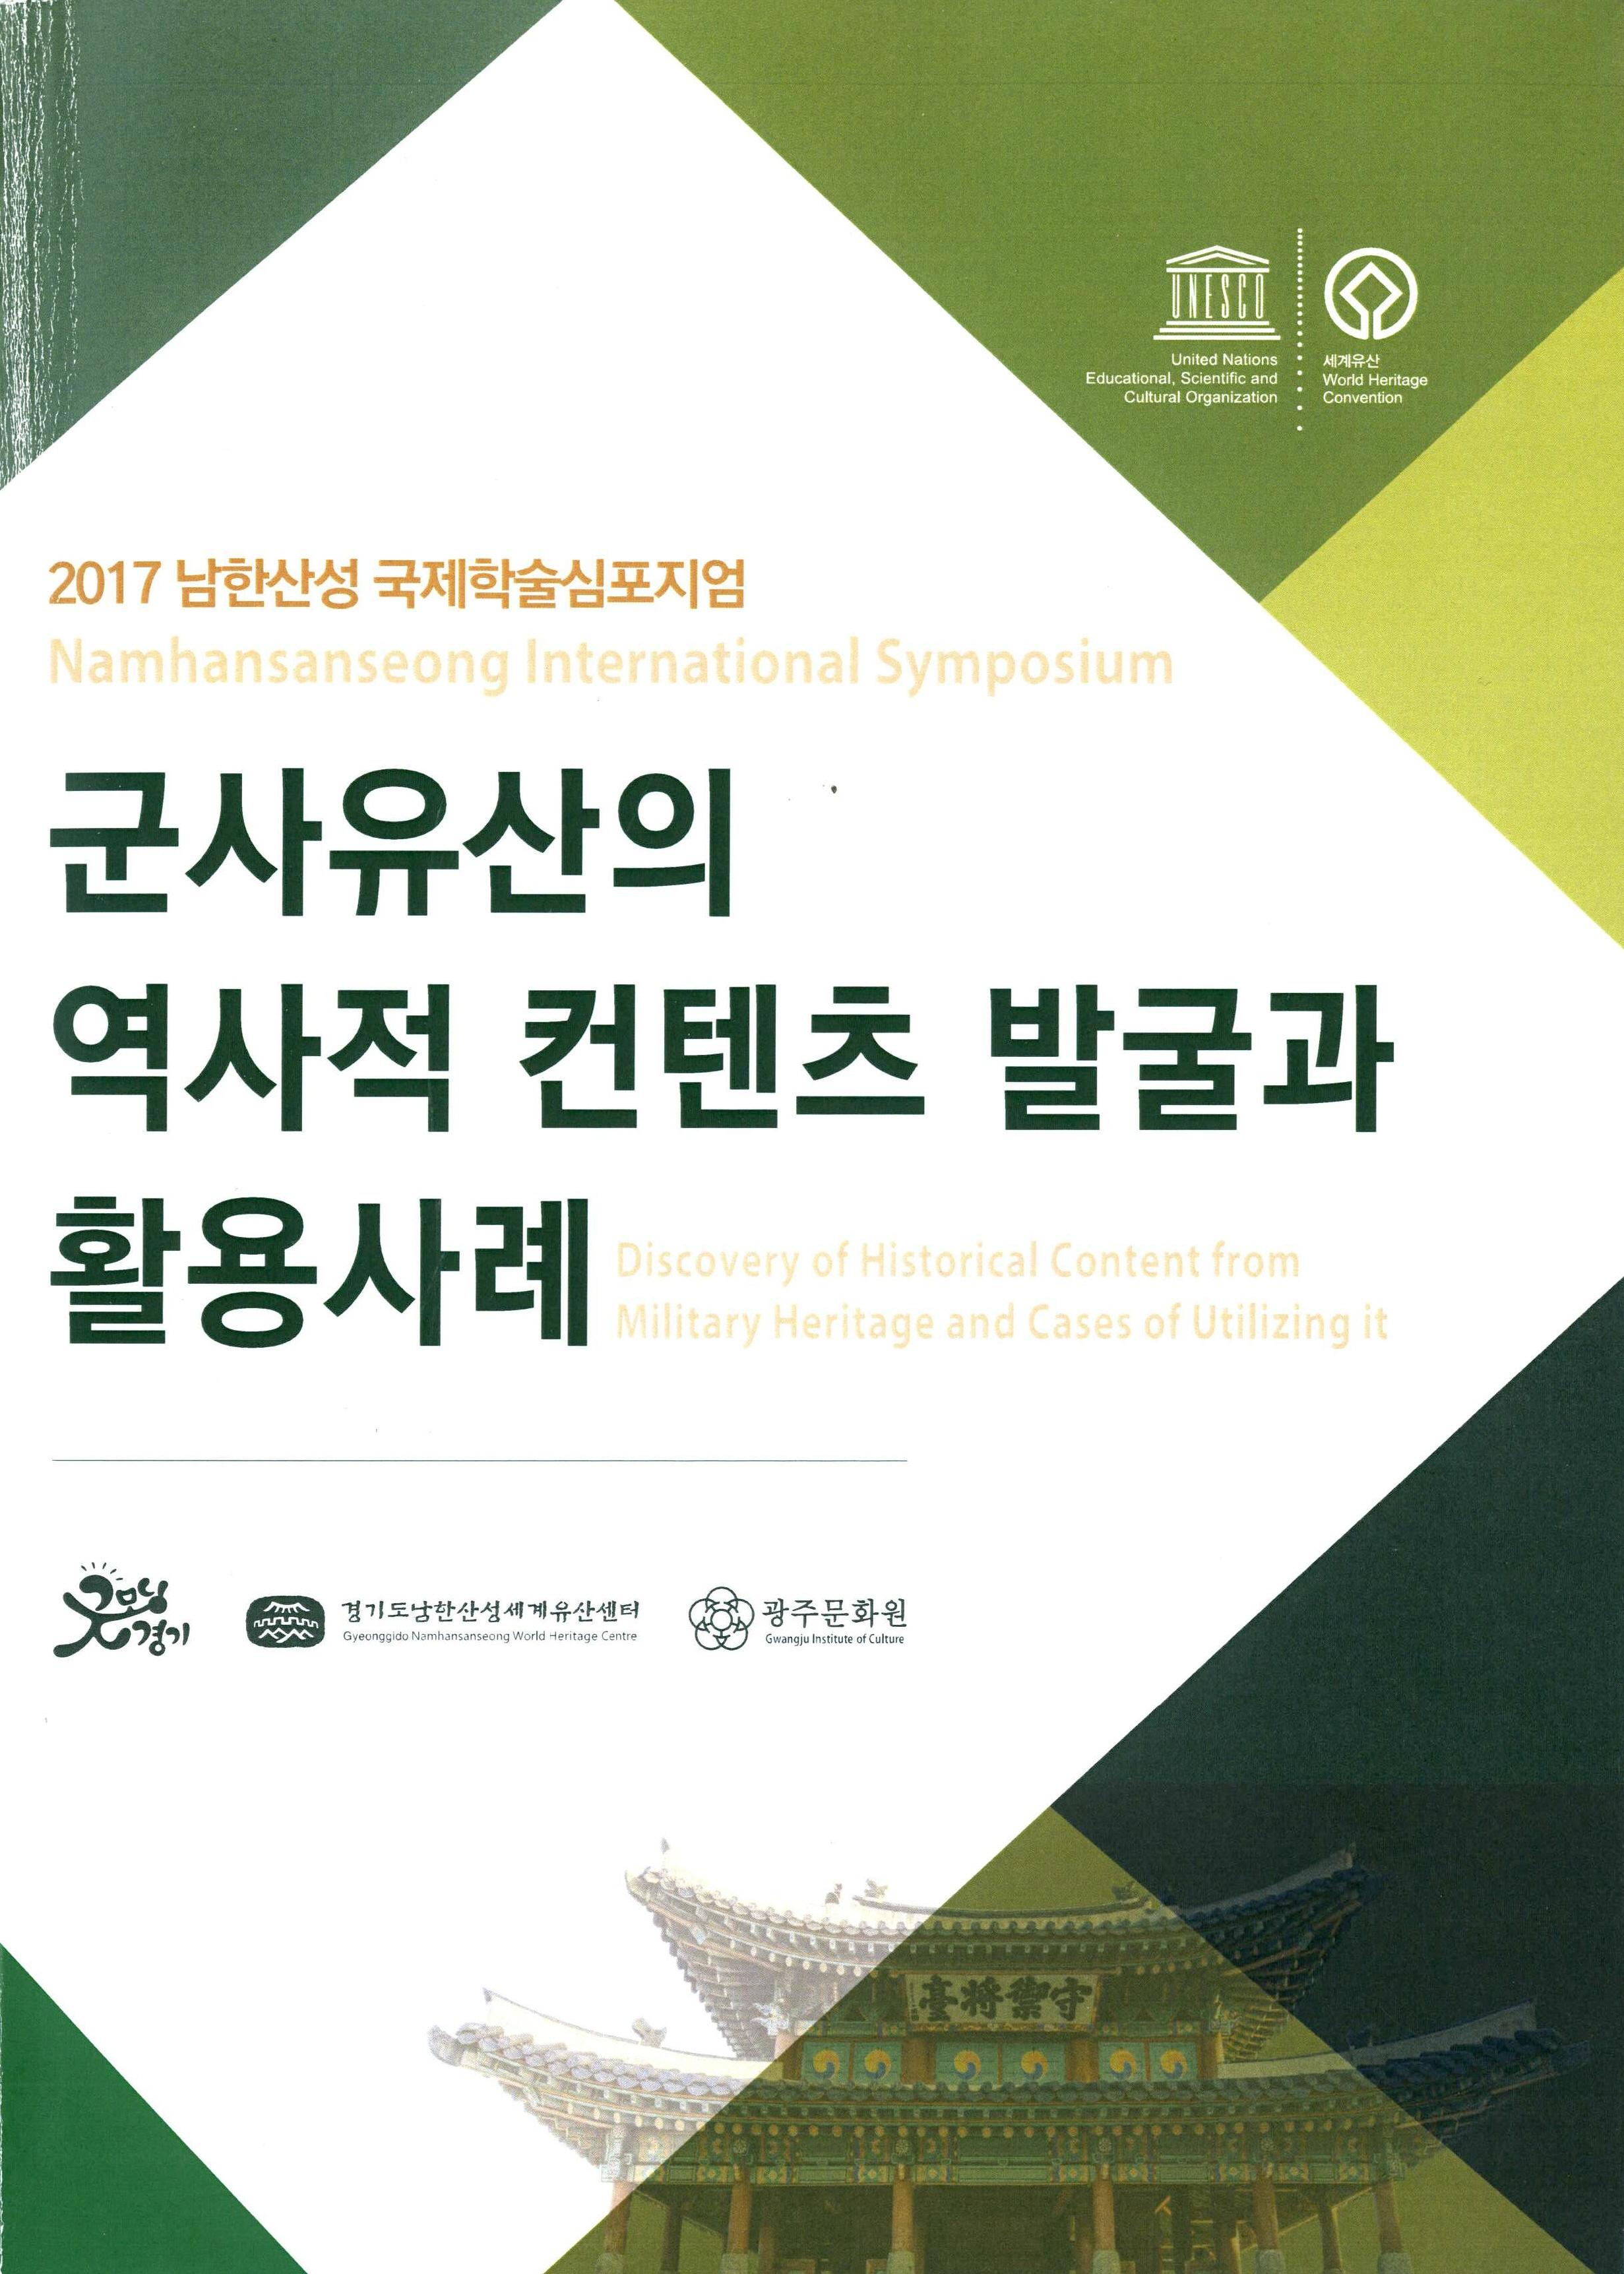 2017남한산성국제학술심포지엄군사유산의역사적컨텐츠발굴과활용사례